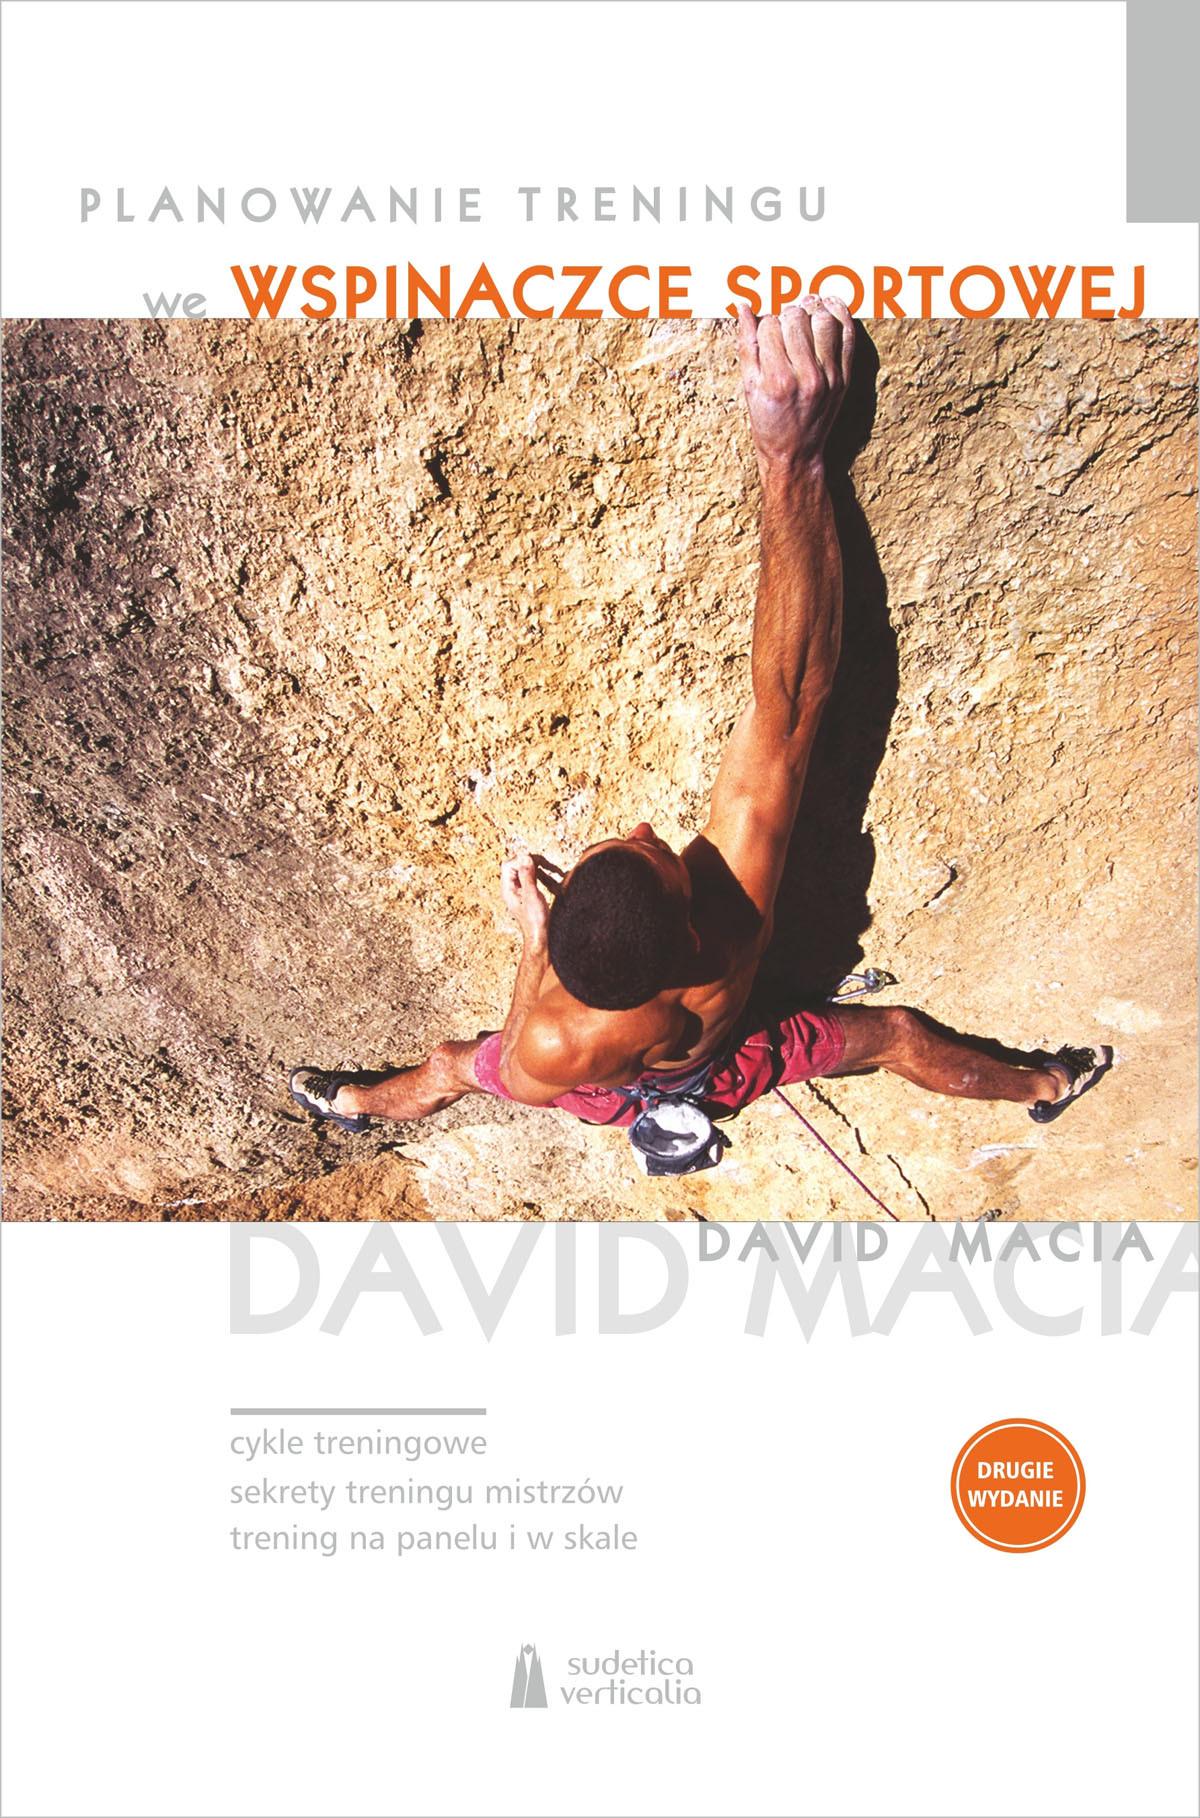 Planowanie treningu we wspinaczce sportowej